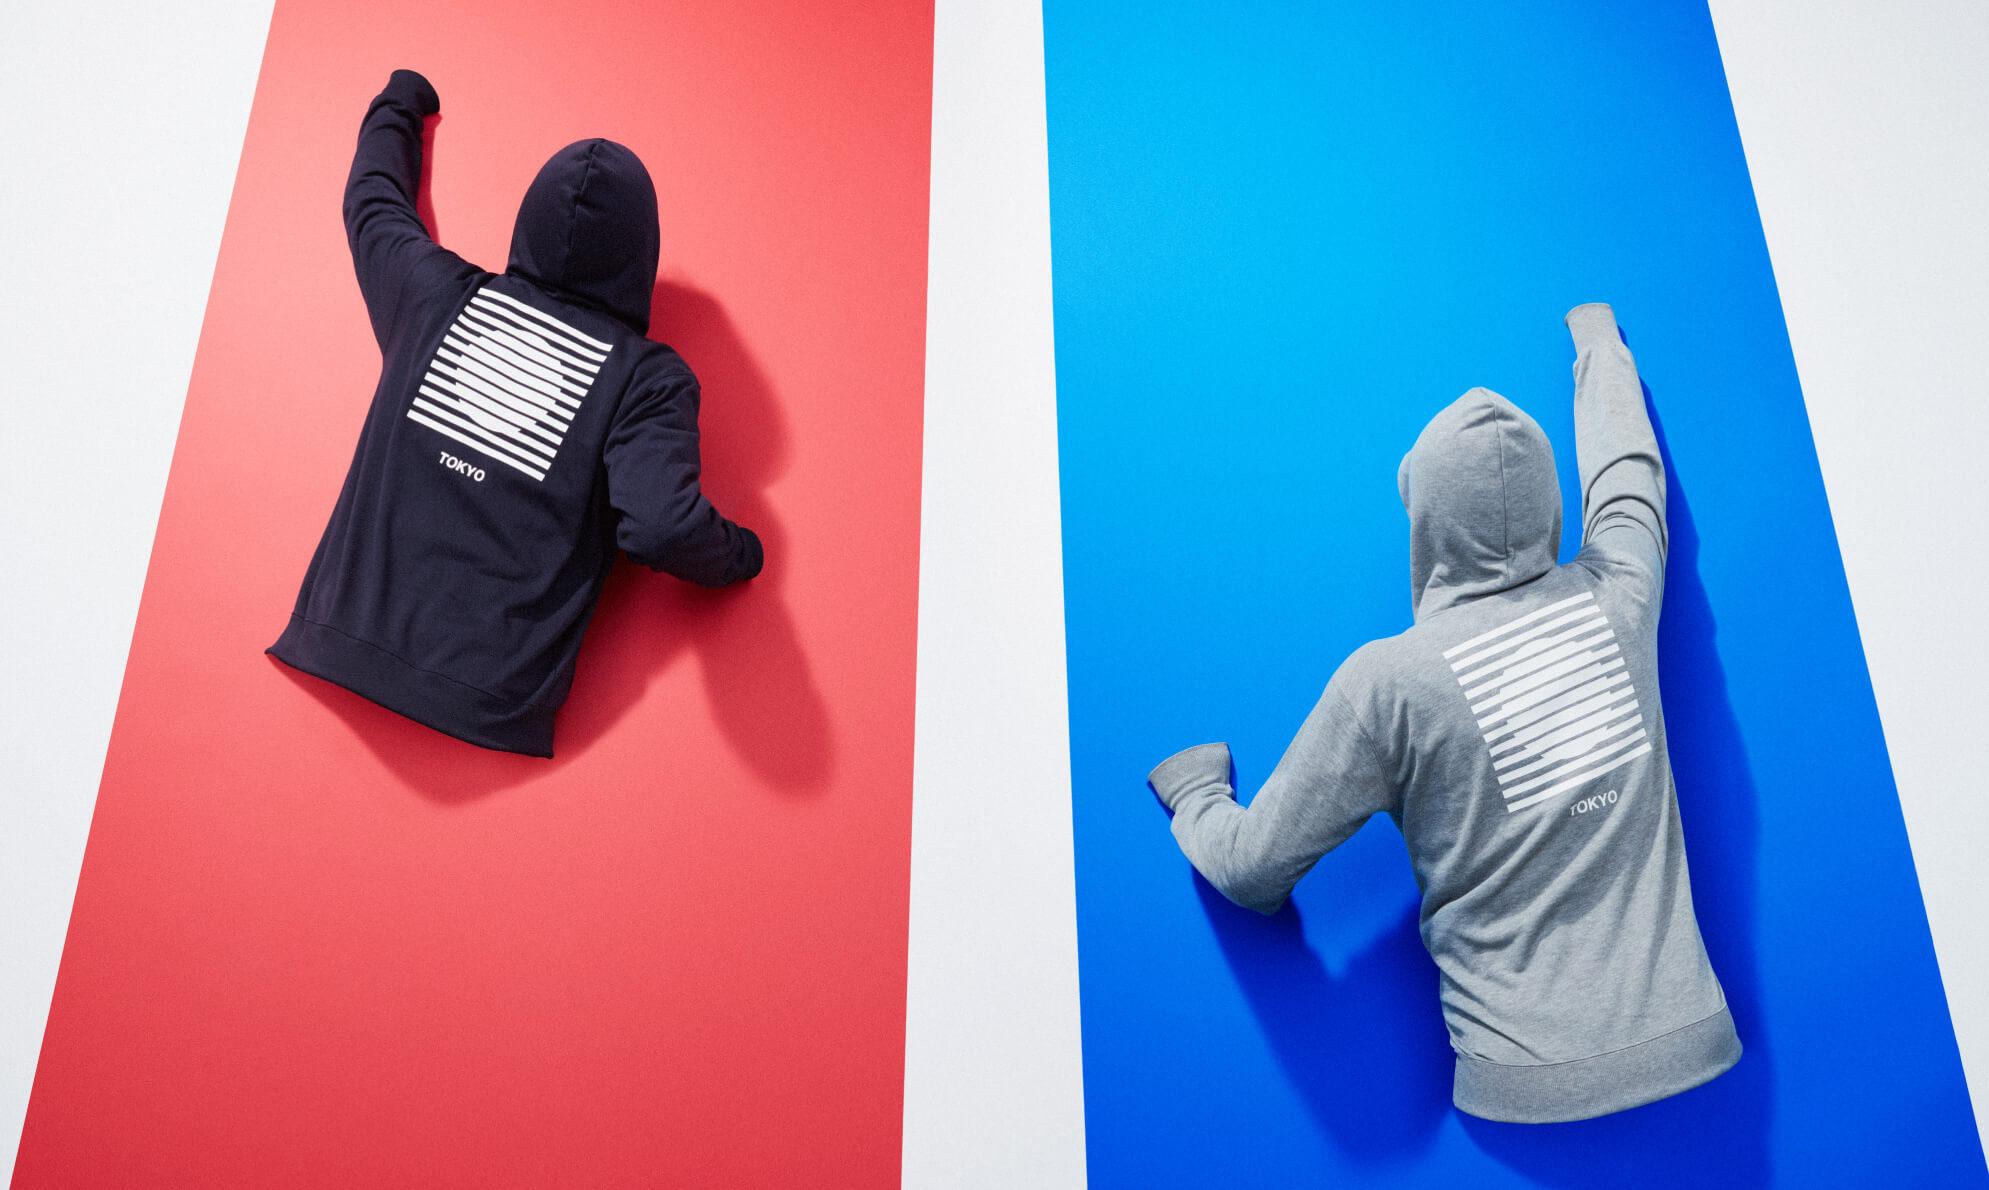 クライミング代表ユニフォームに着想 THE NORTH FACEから新コレクション発売